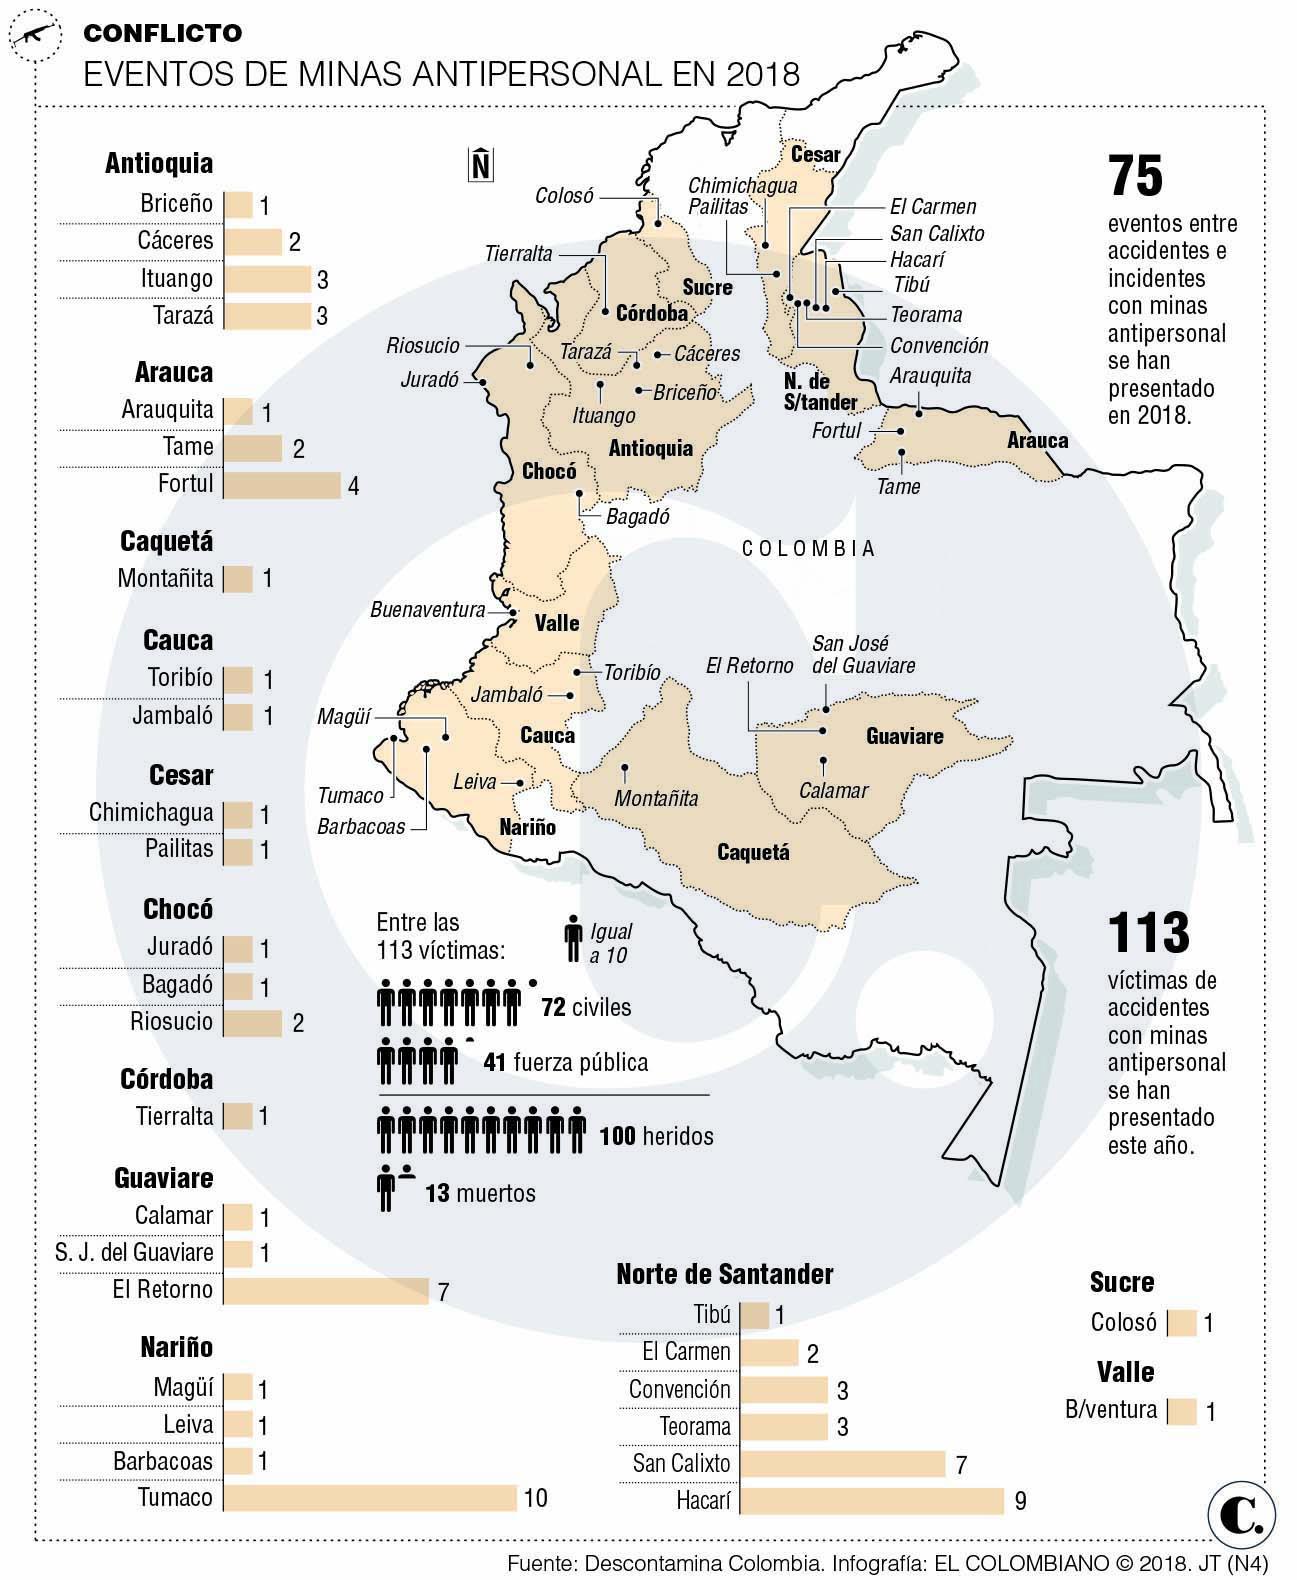 Desminar toda Colombia en 2021, un reto difícil de cumplir